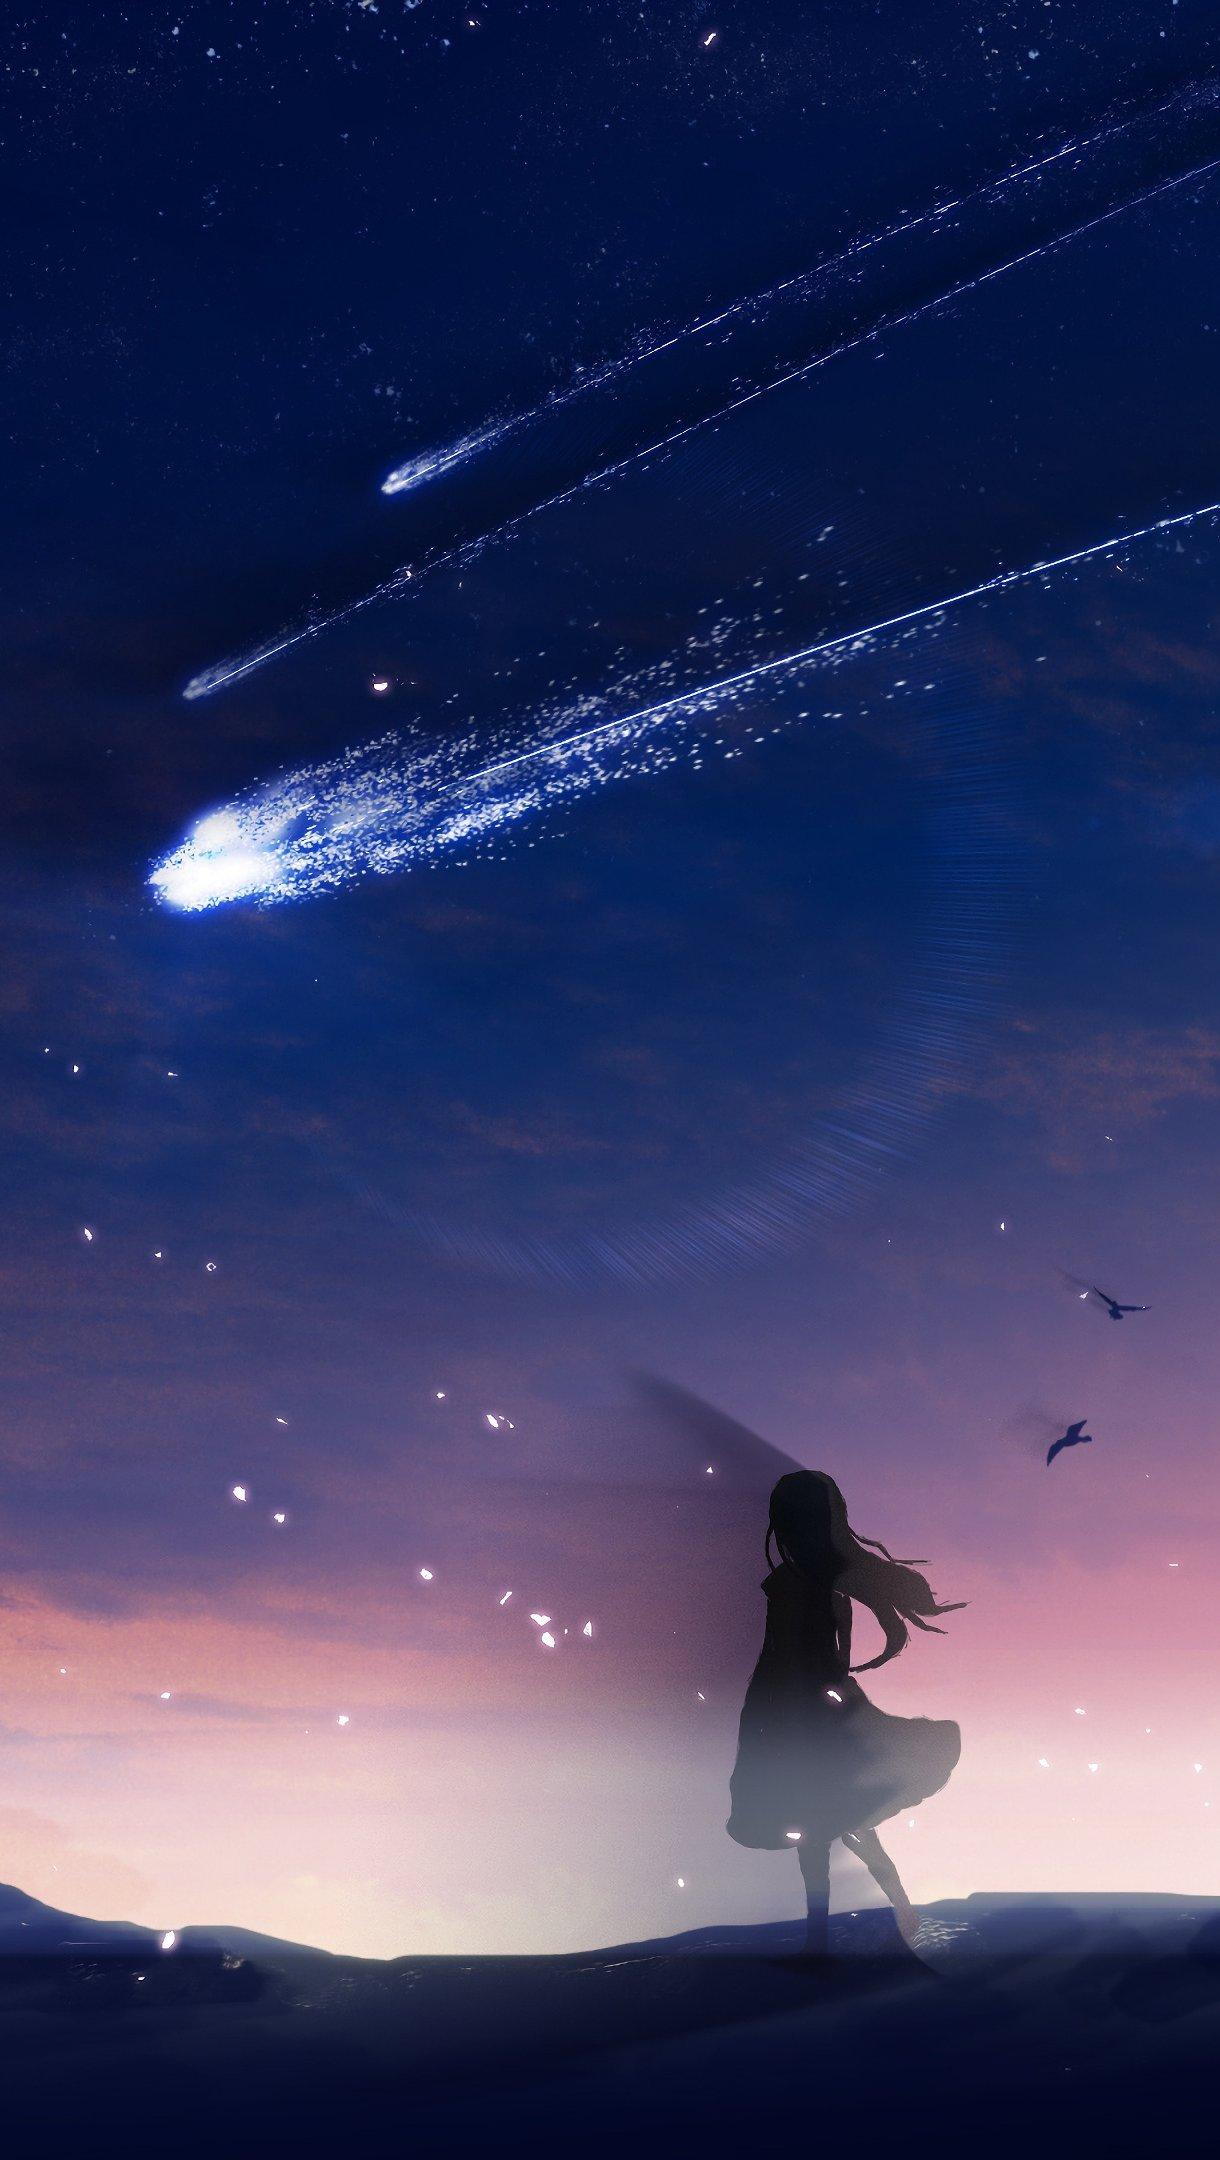 Wallpaper Anime kite in sky dusk Vertical